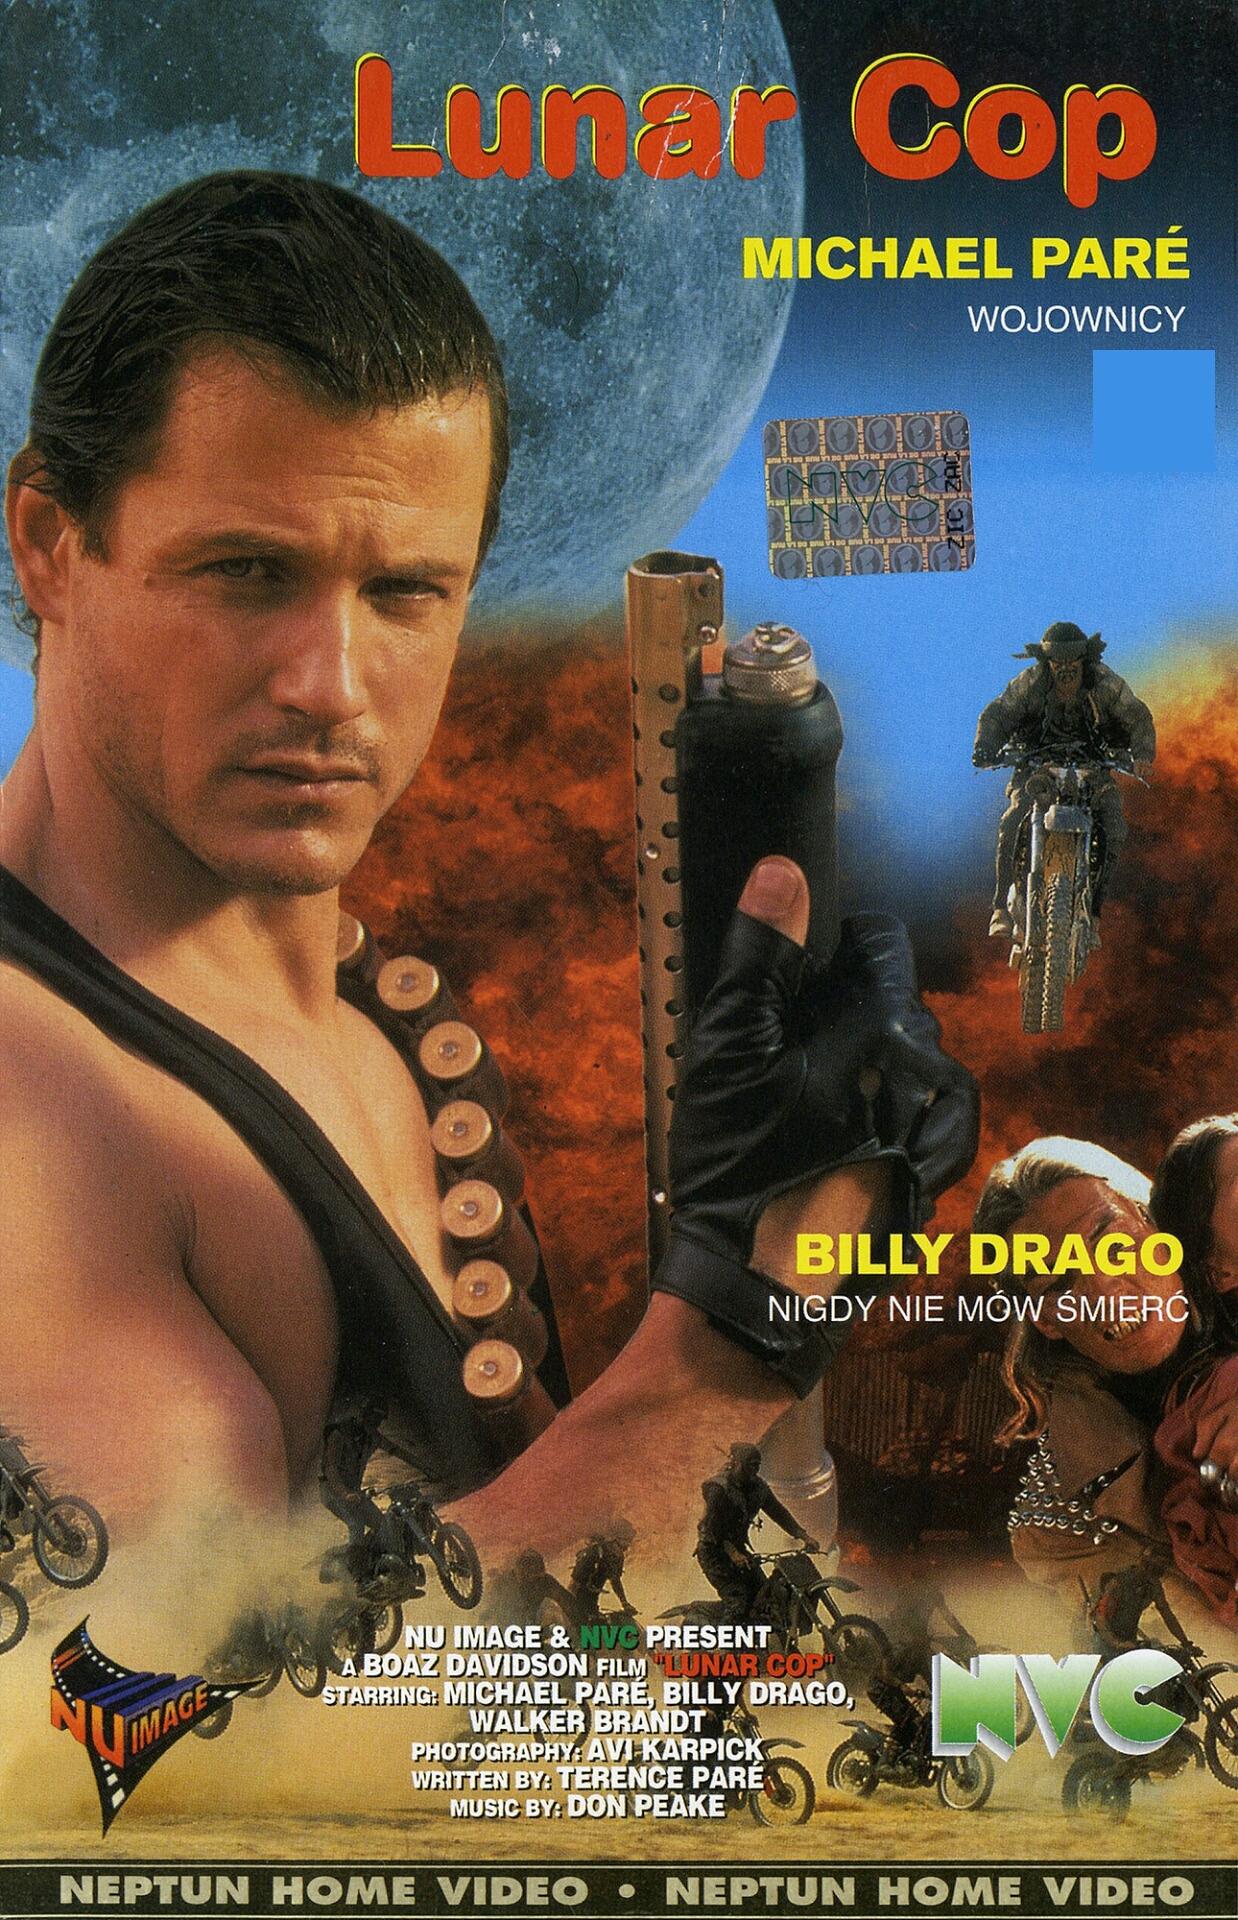 Billy drago dating